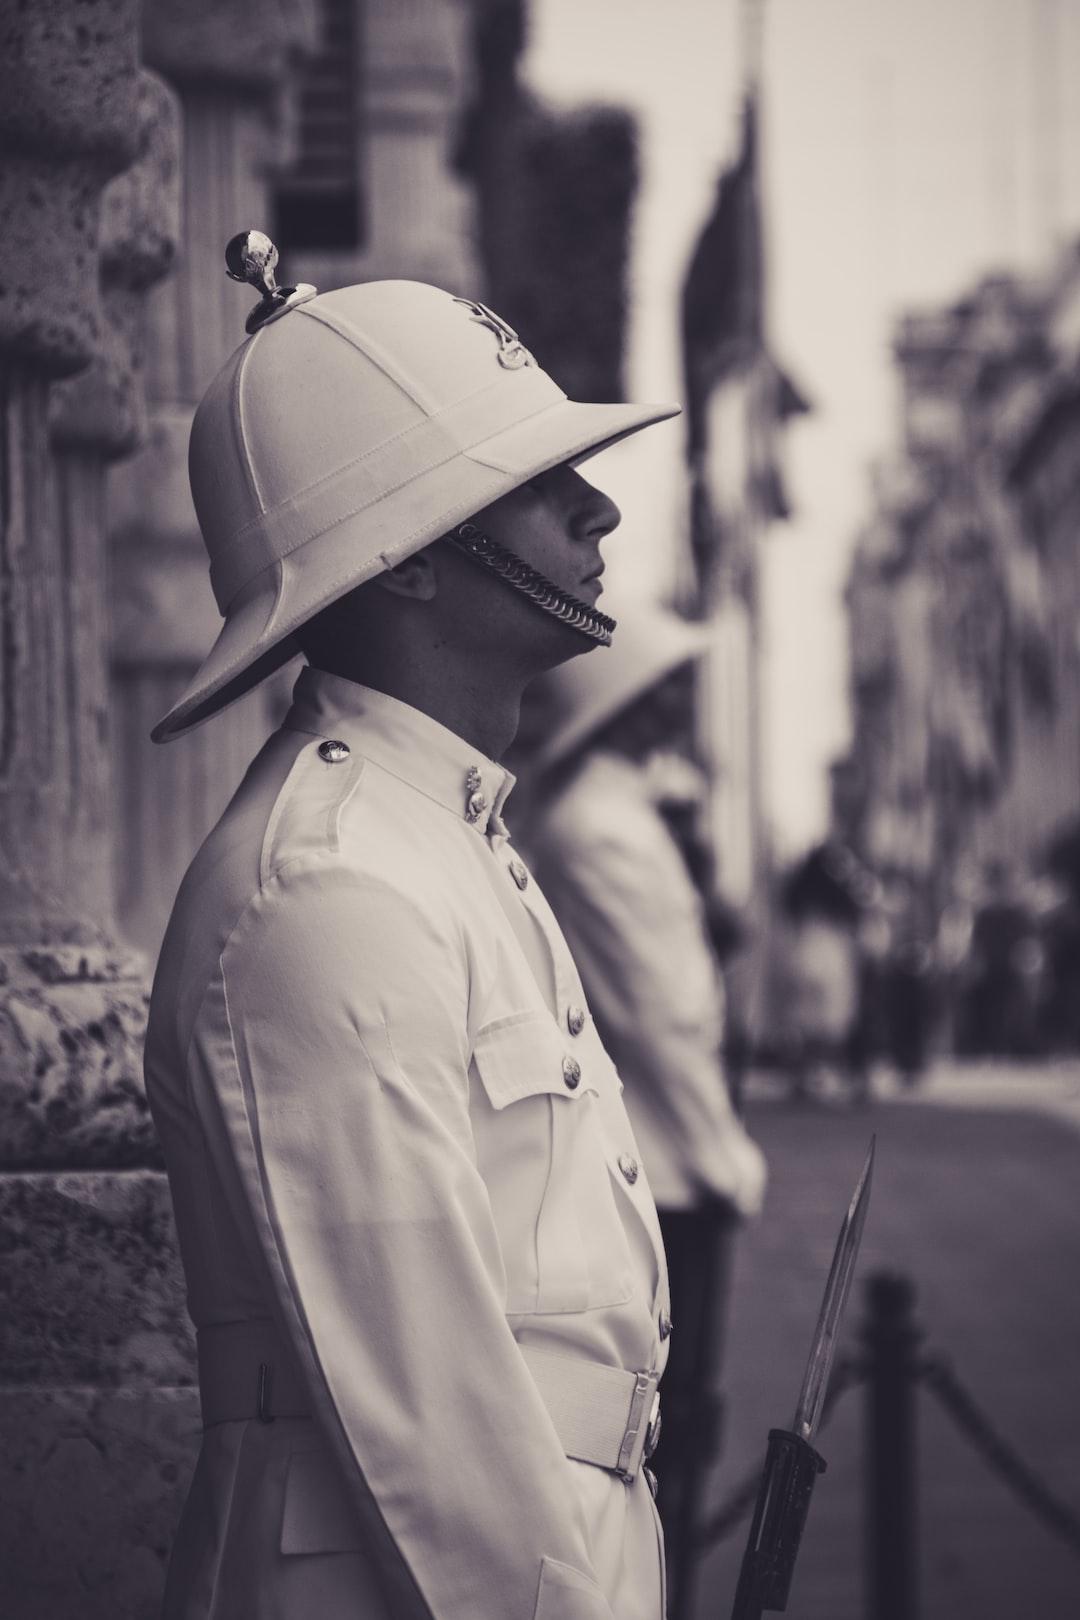 A guard in Malta